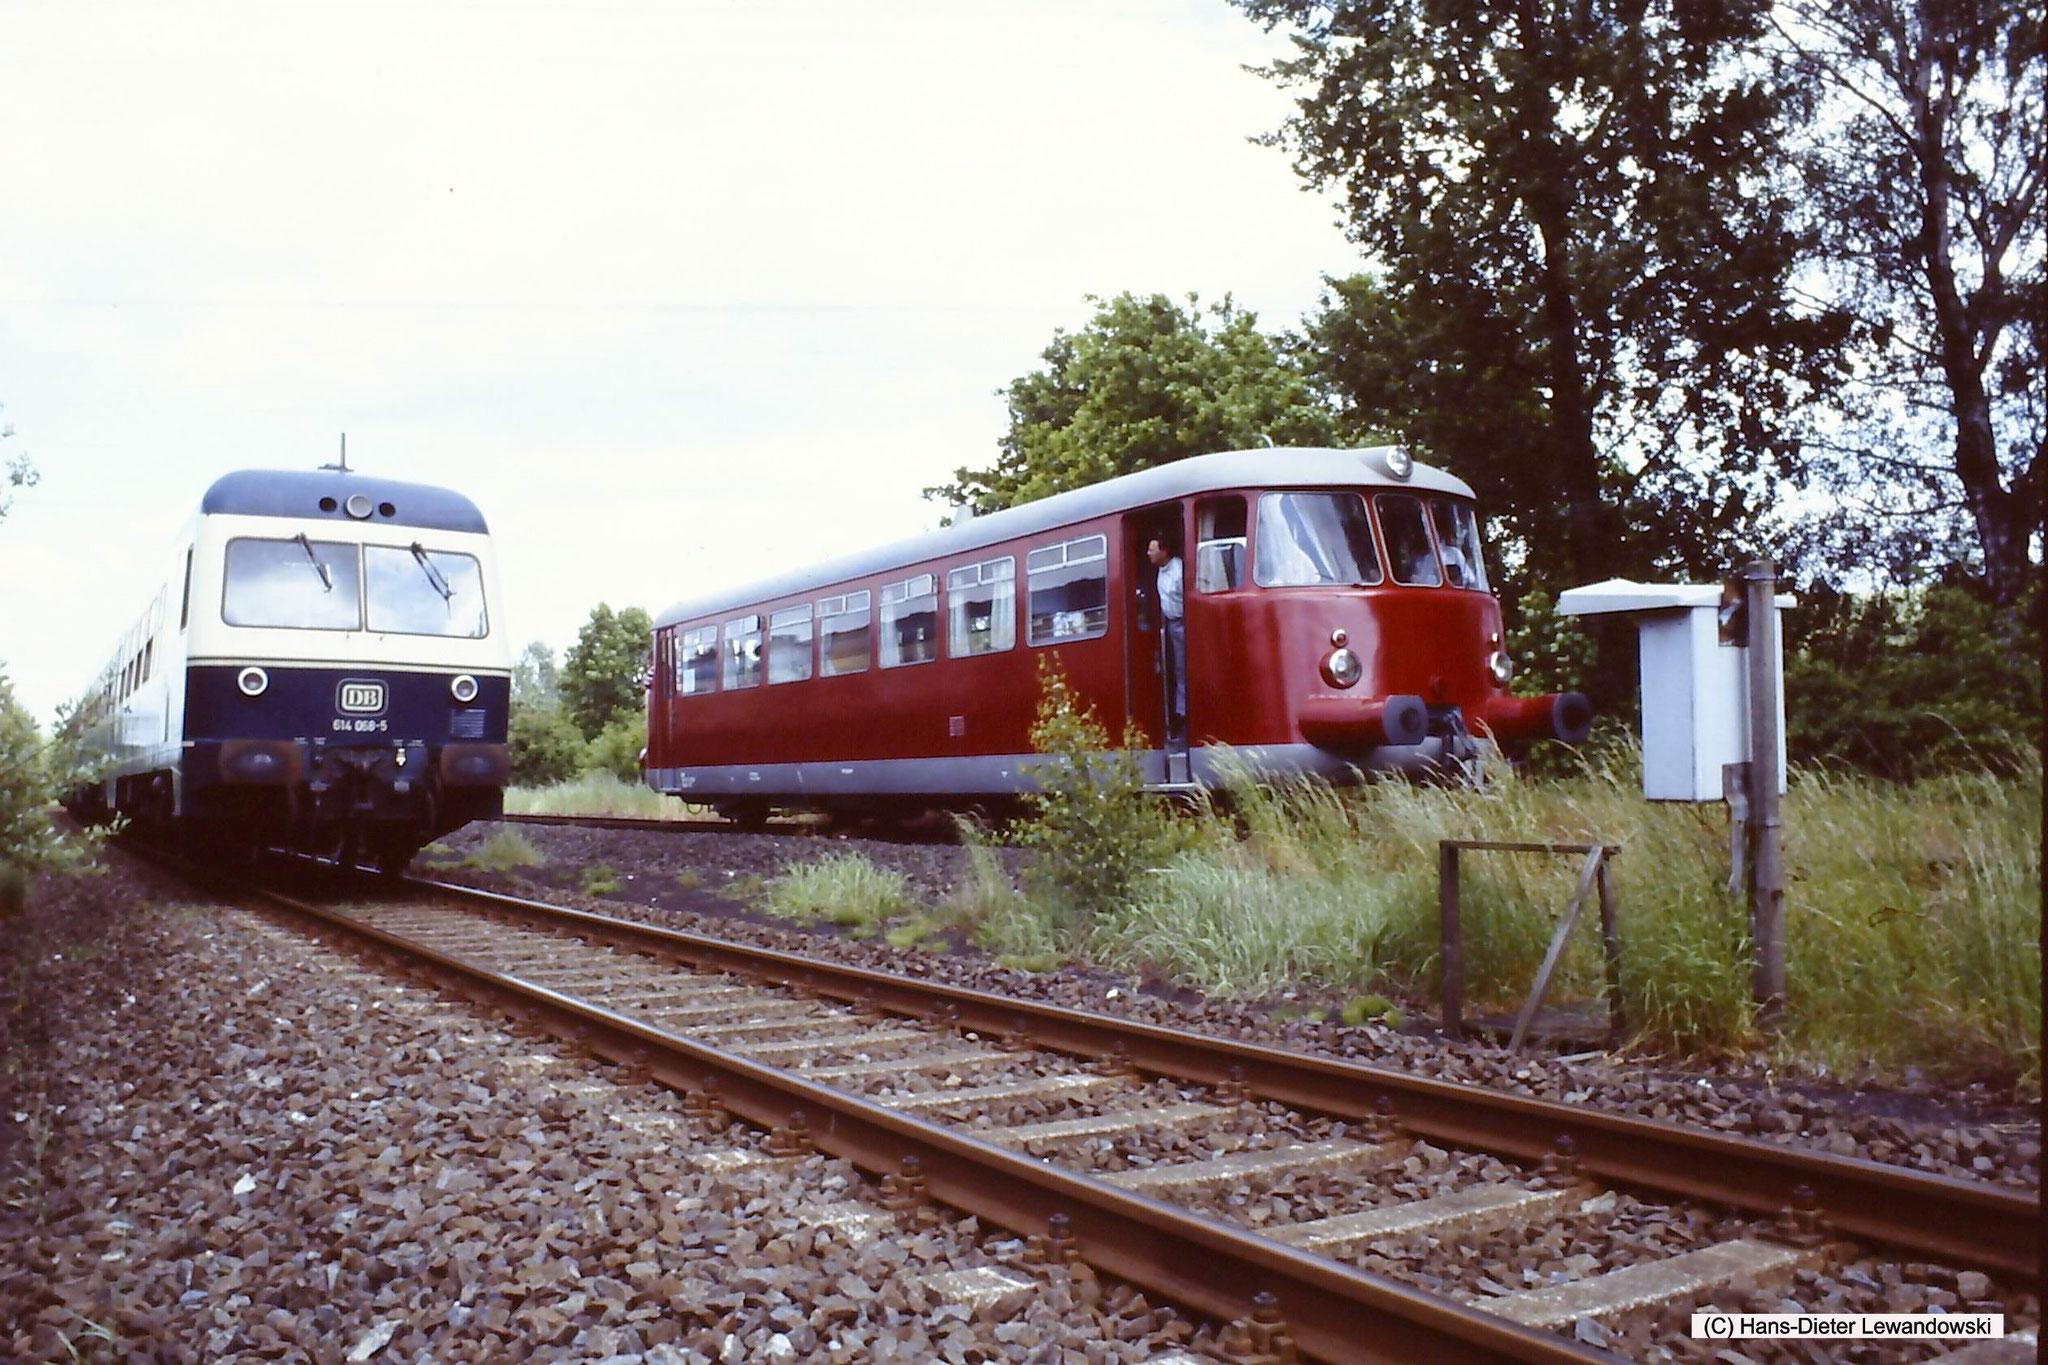 Einfahrt in den Bahnhof Salzgitter-Bad, von der Warnetalbahn kommend